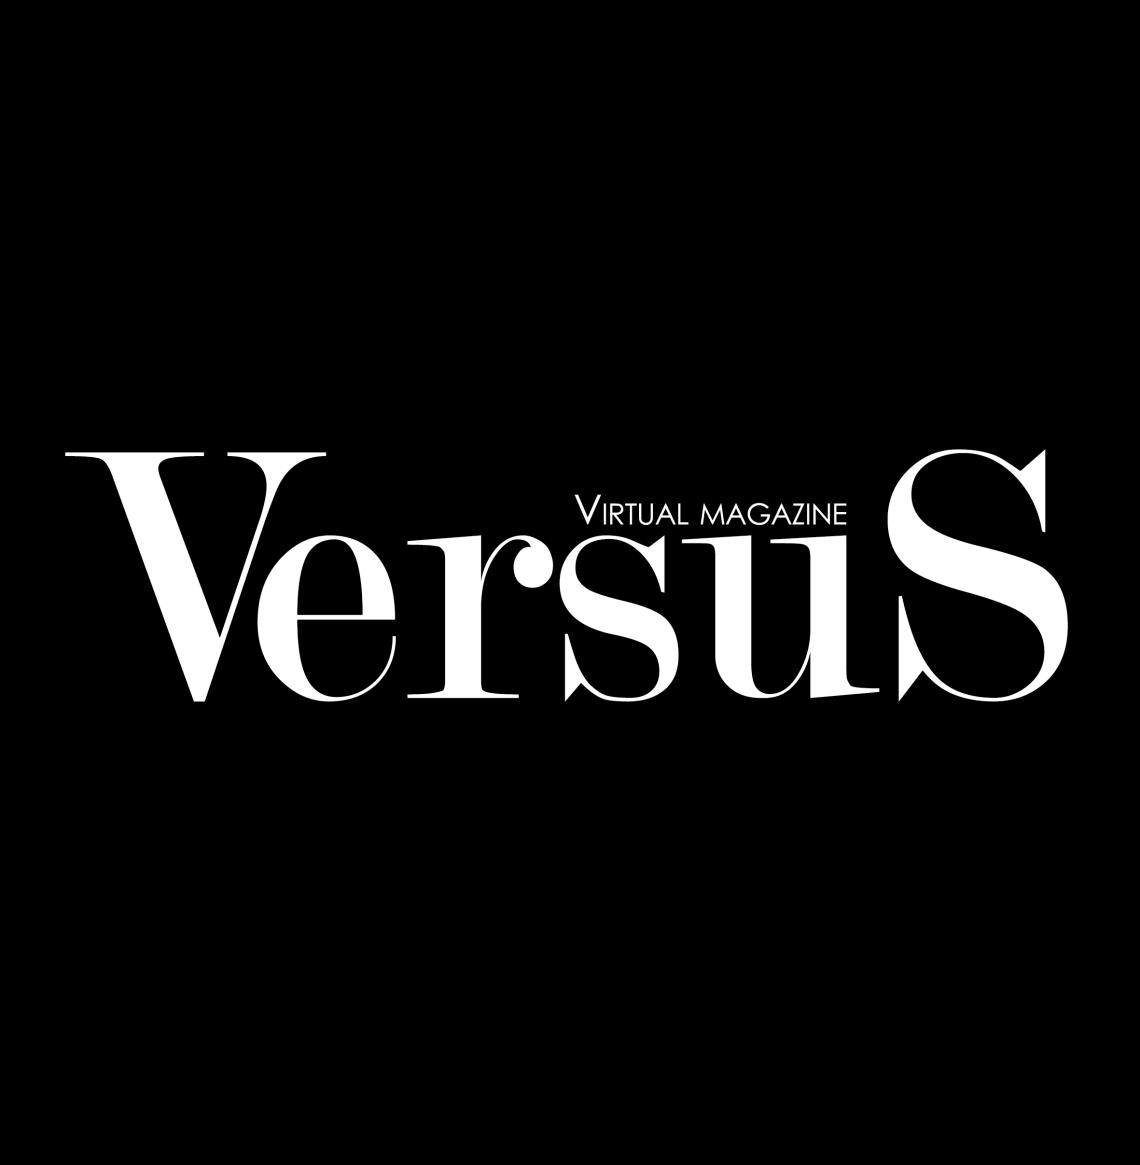 versus-fondo-negro